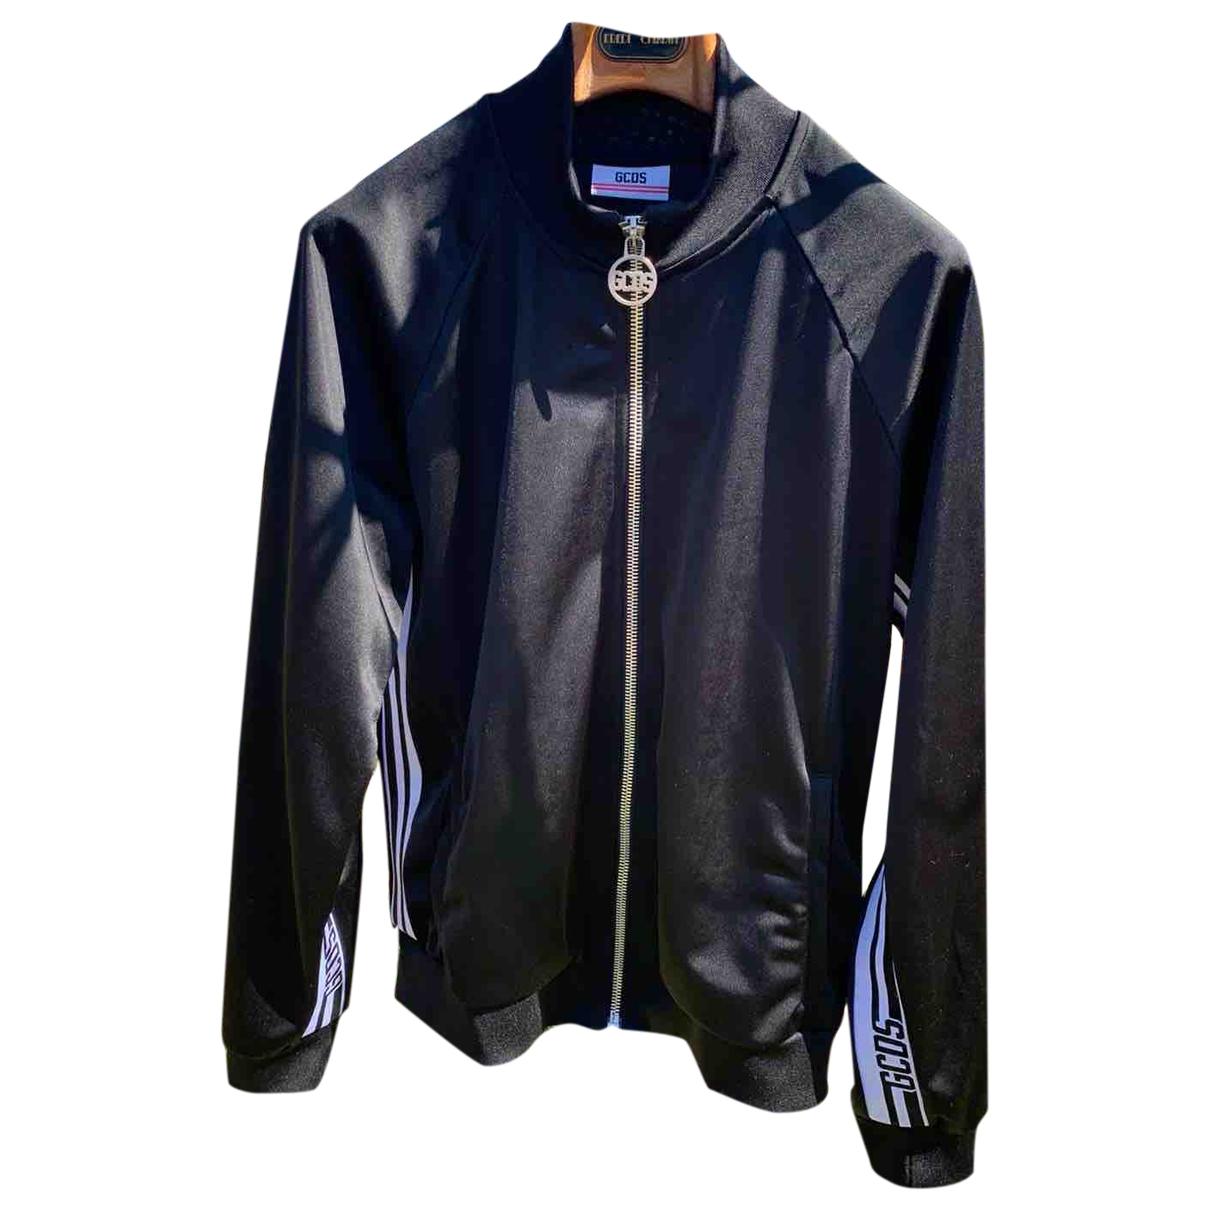 Gcds \N Black jacket  for Men L International